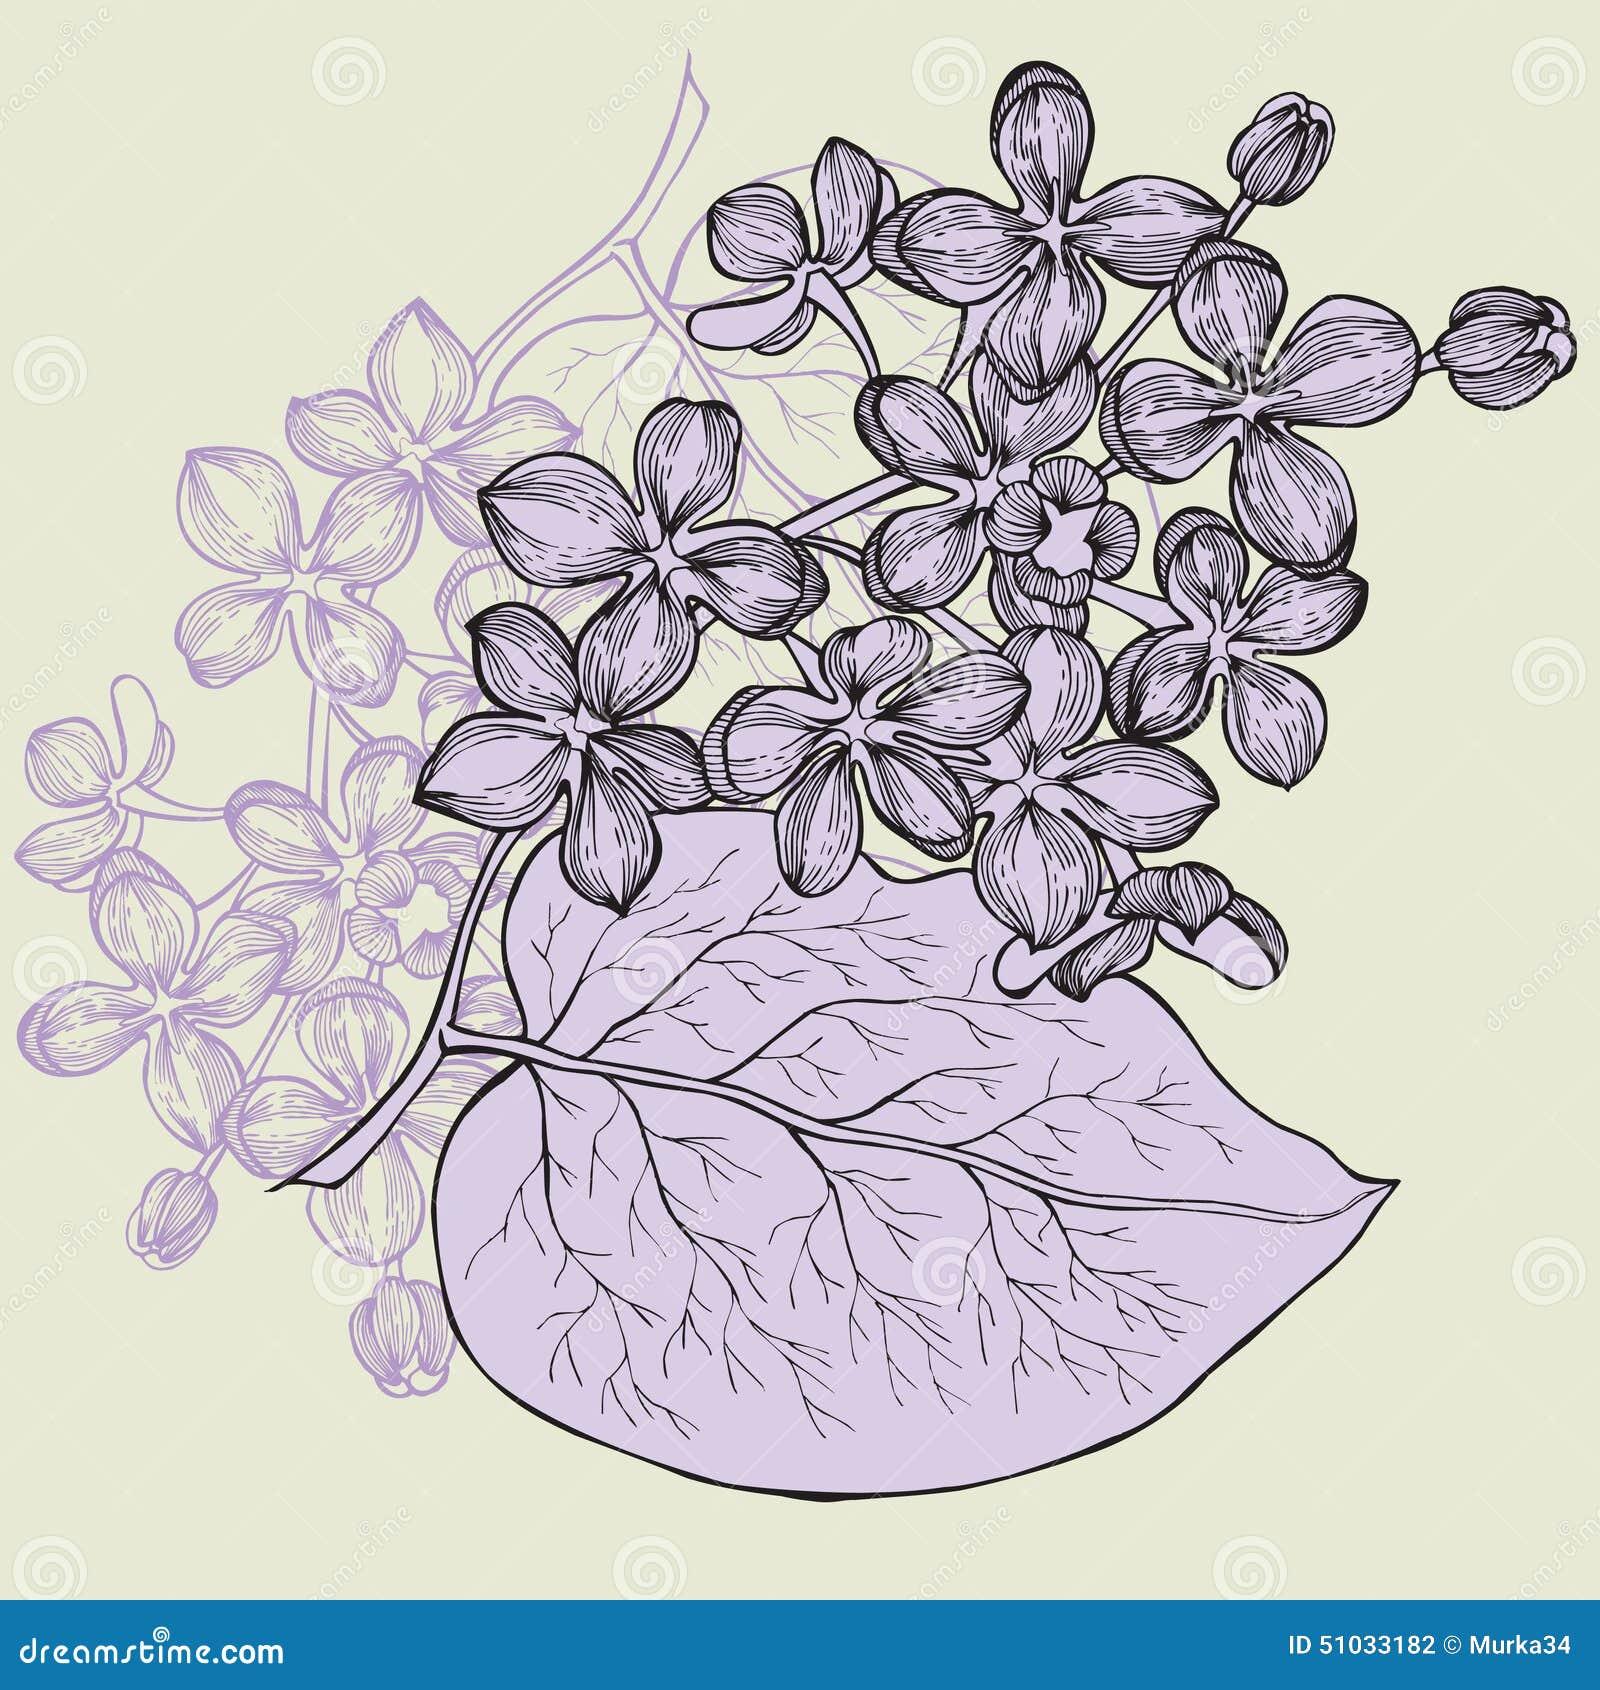 Branche lilas main dessin illustration de vecteur - Dessin de lilas ...